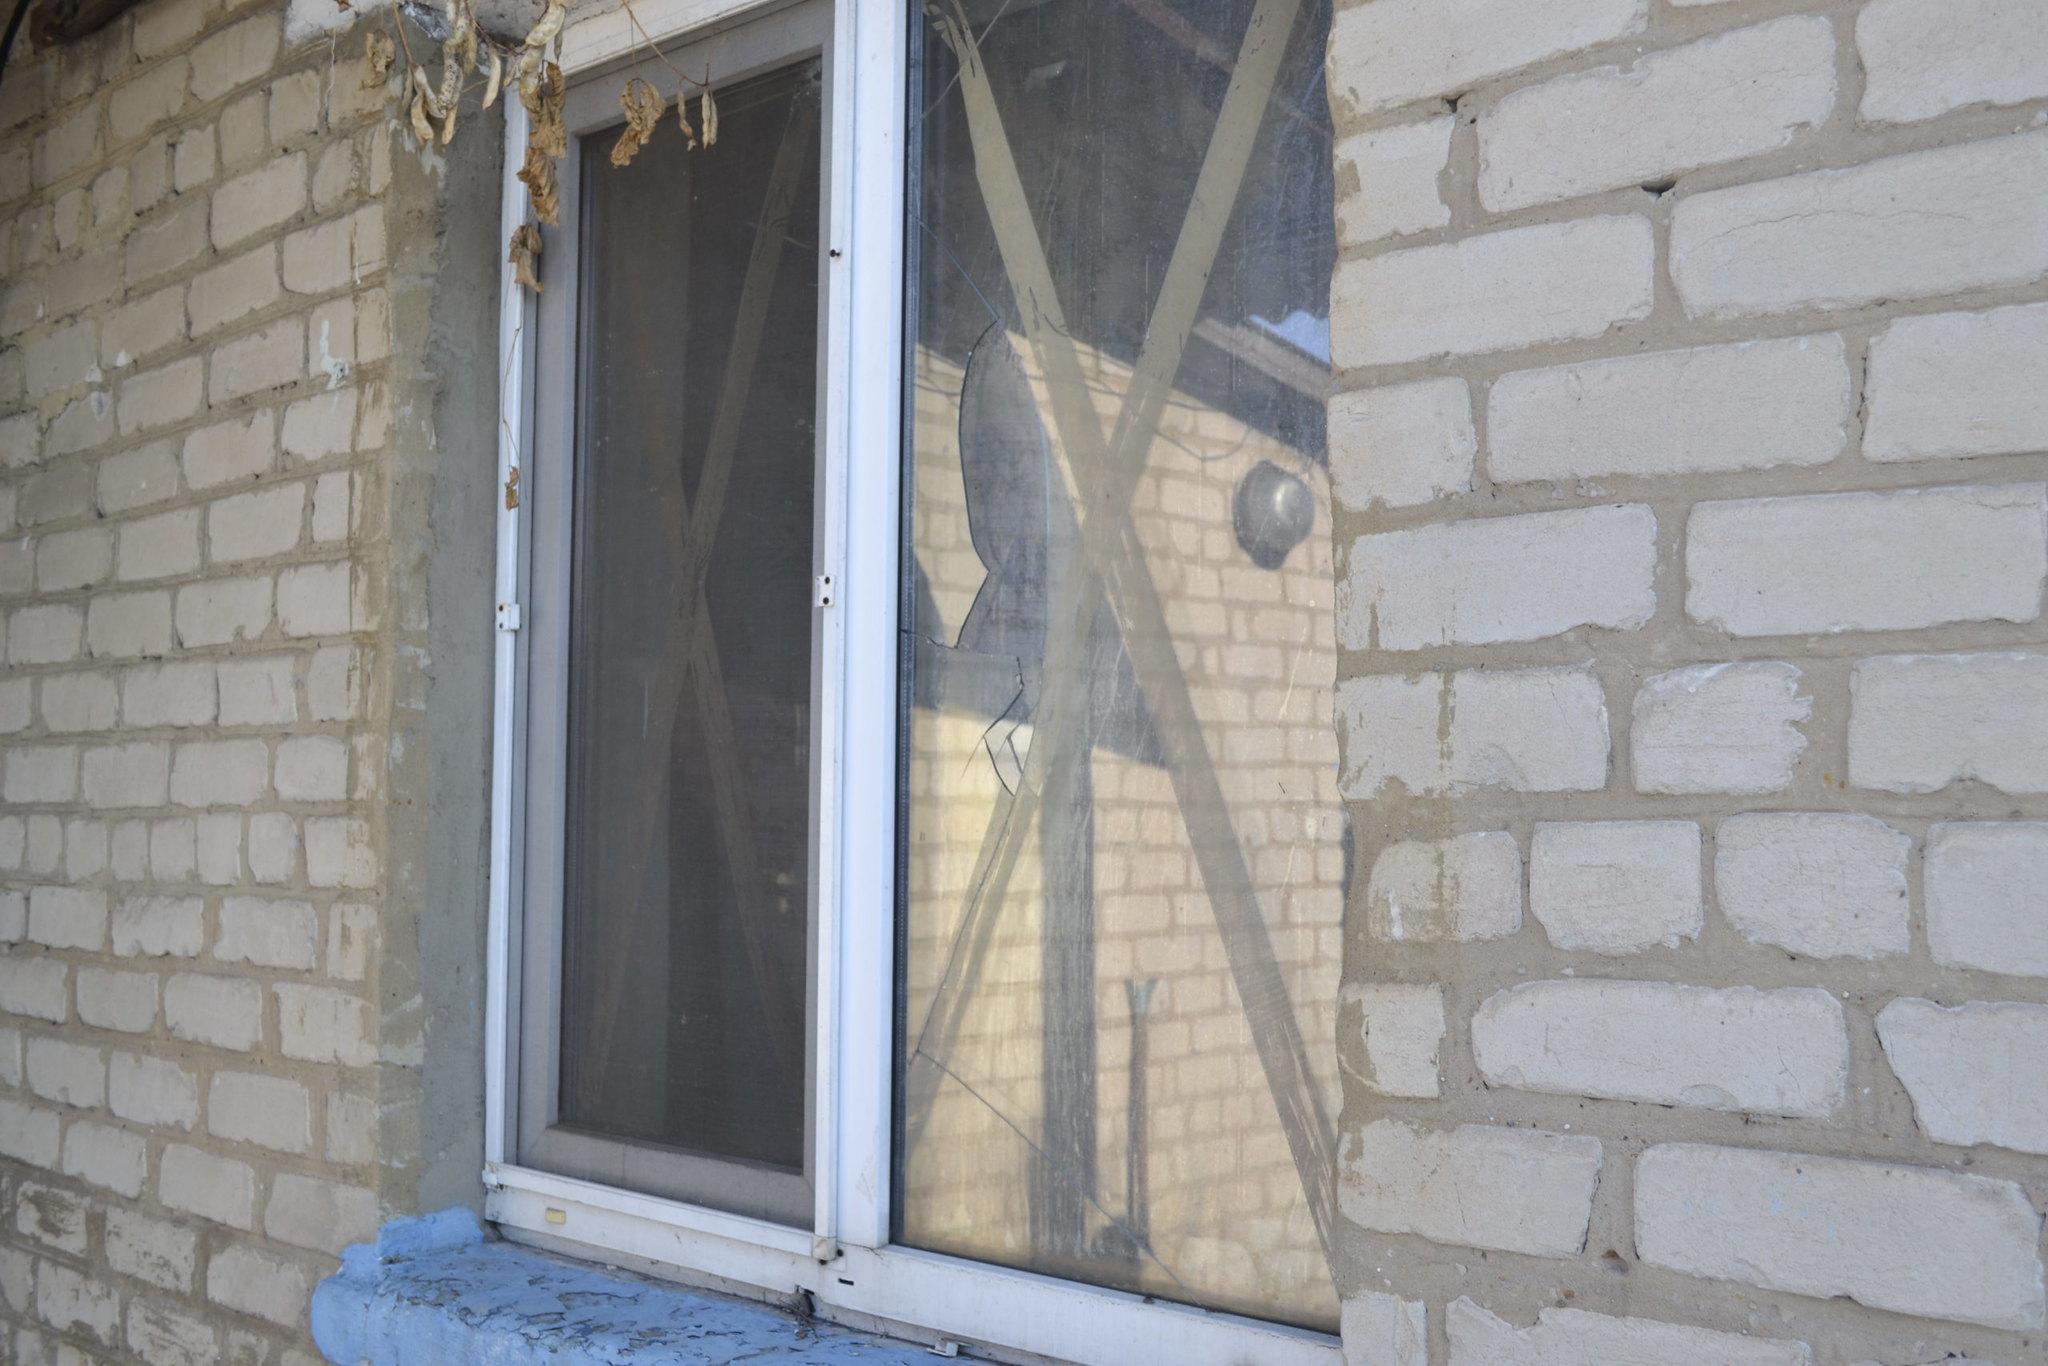 Fenêtre endommagée - Staromikhaïlovka